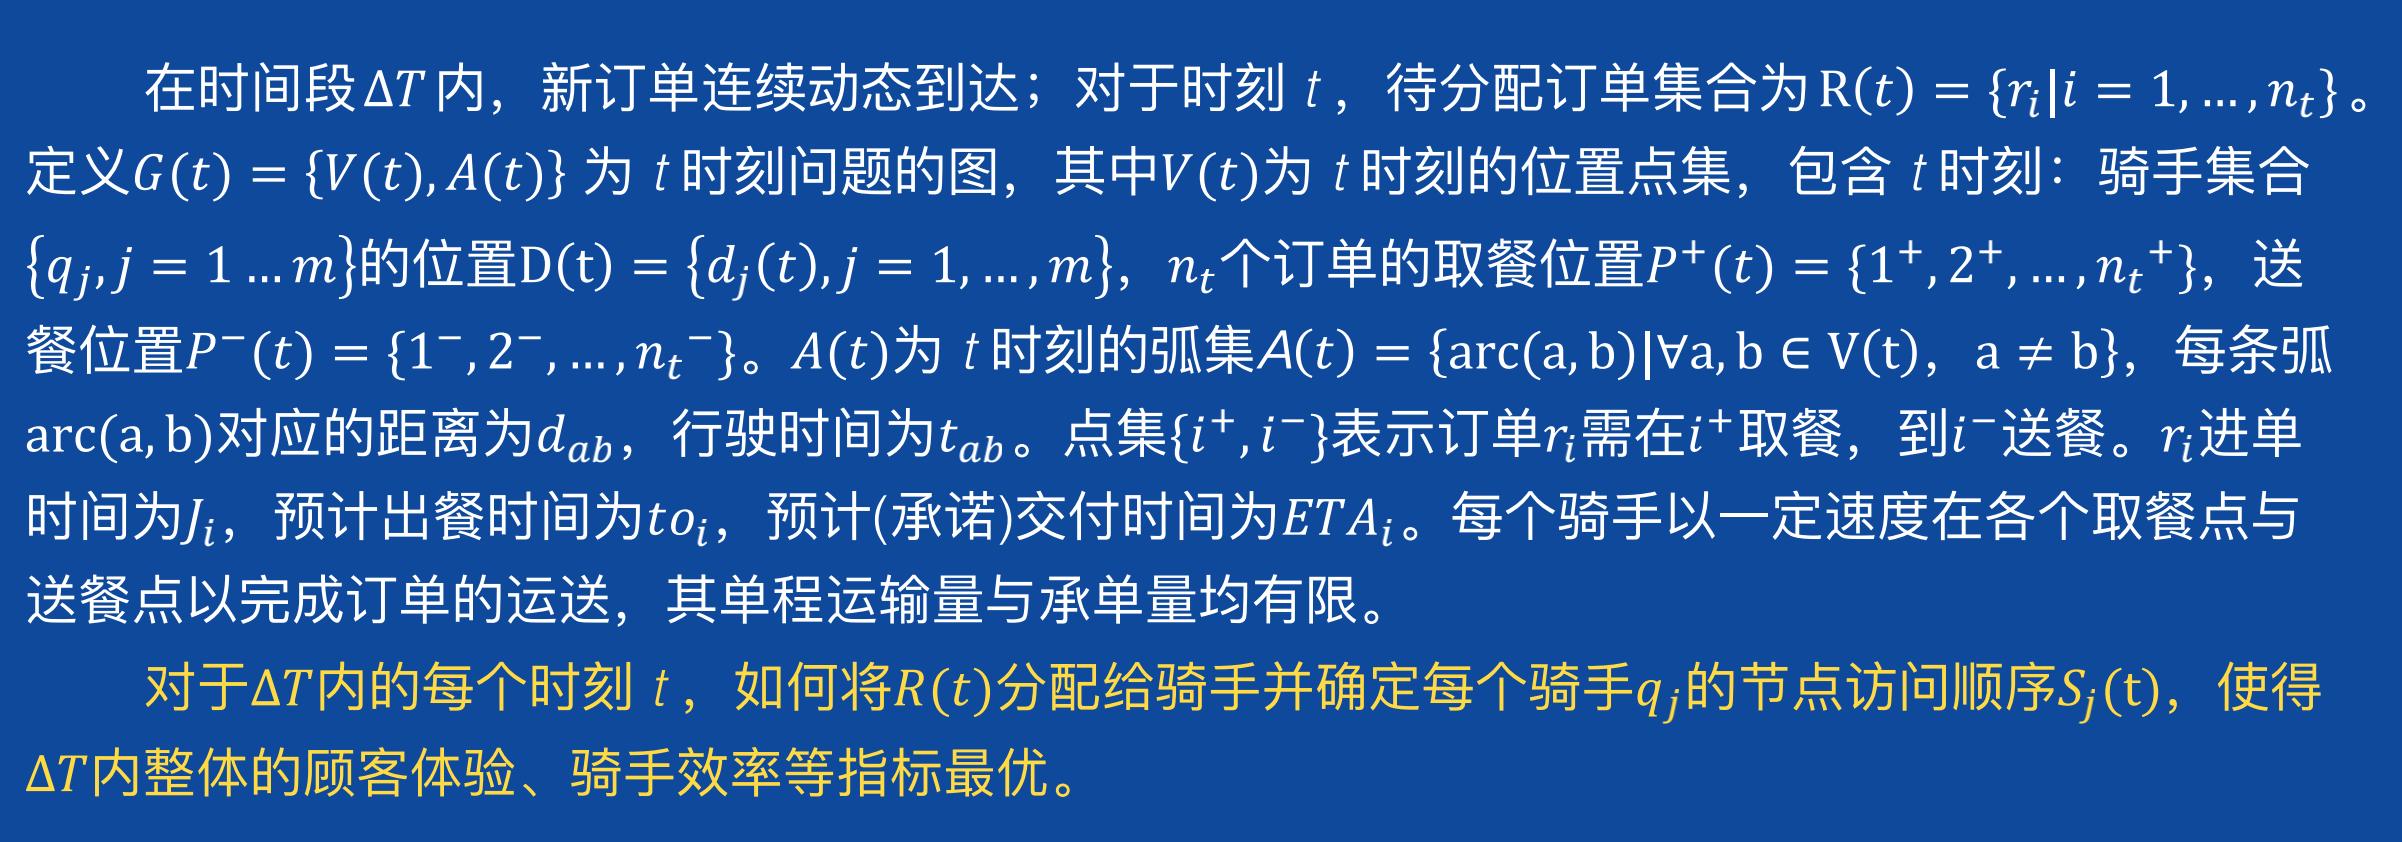 调度问题的数学描述